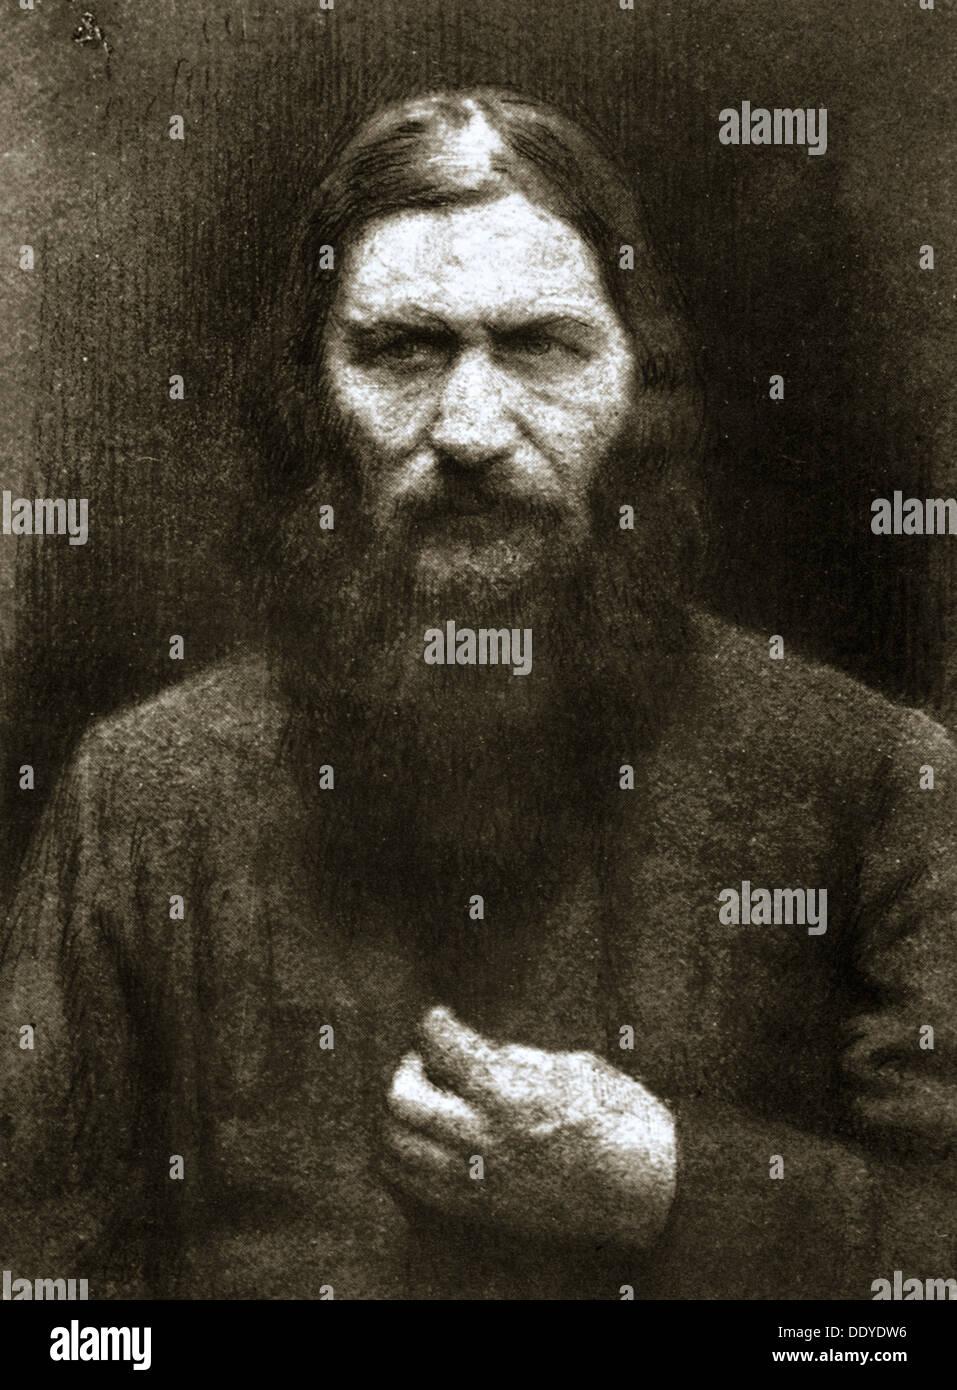 Rasputin, russischer mystisch, Anfang 20. Jahrhundert. Künstler: unbekannt Stockfoto